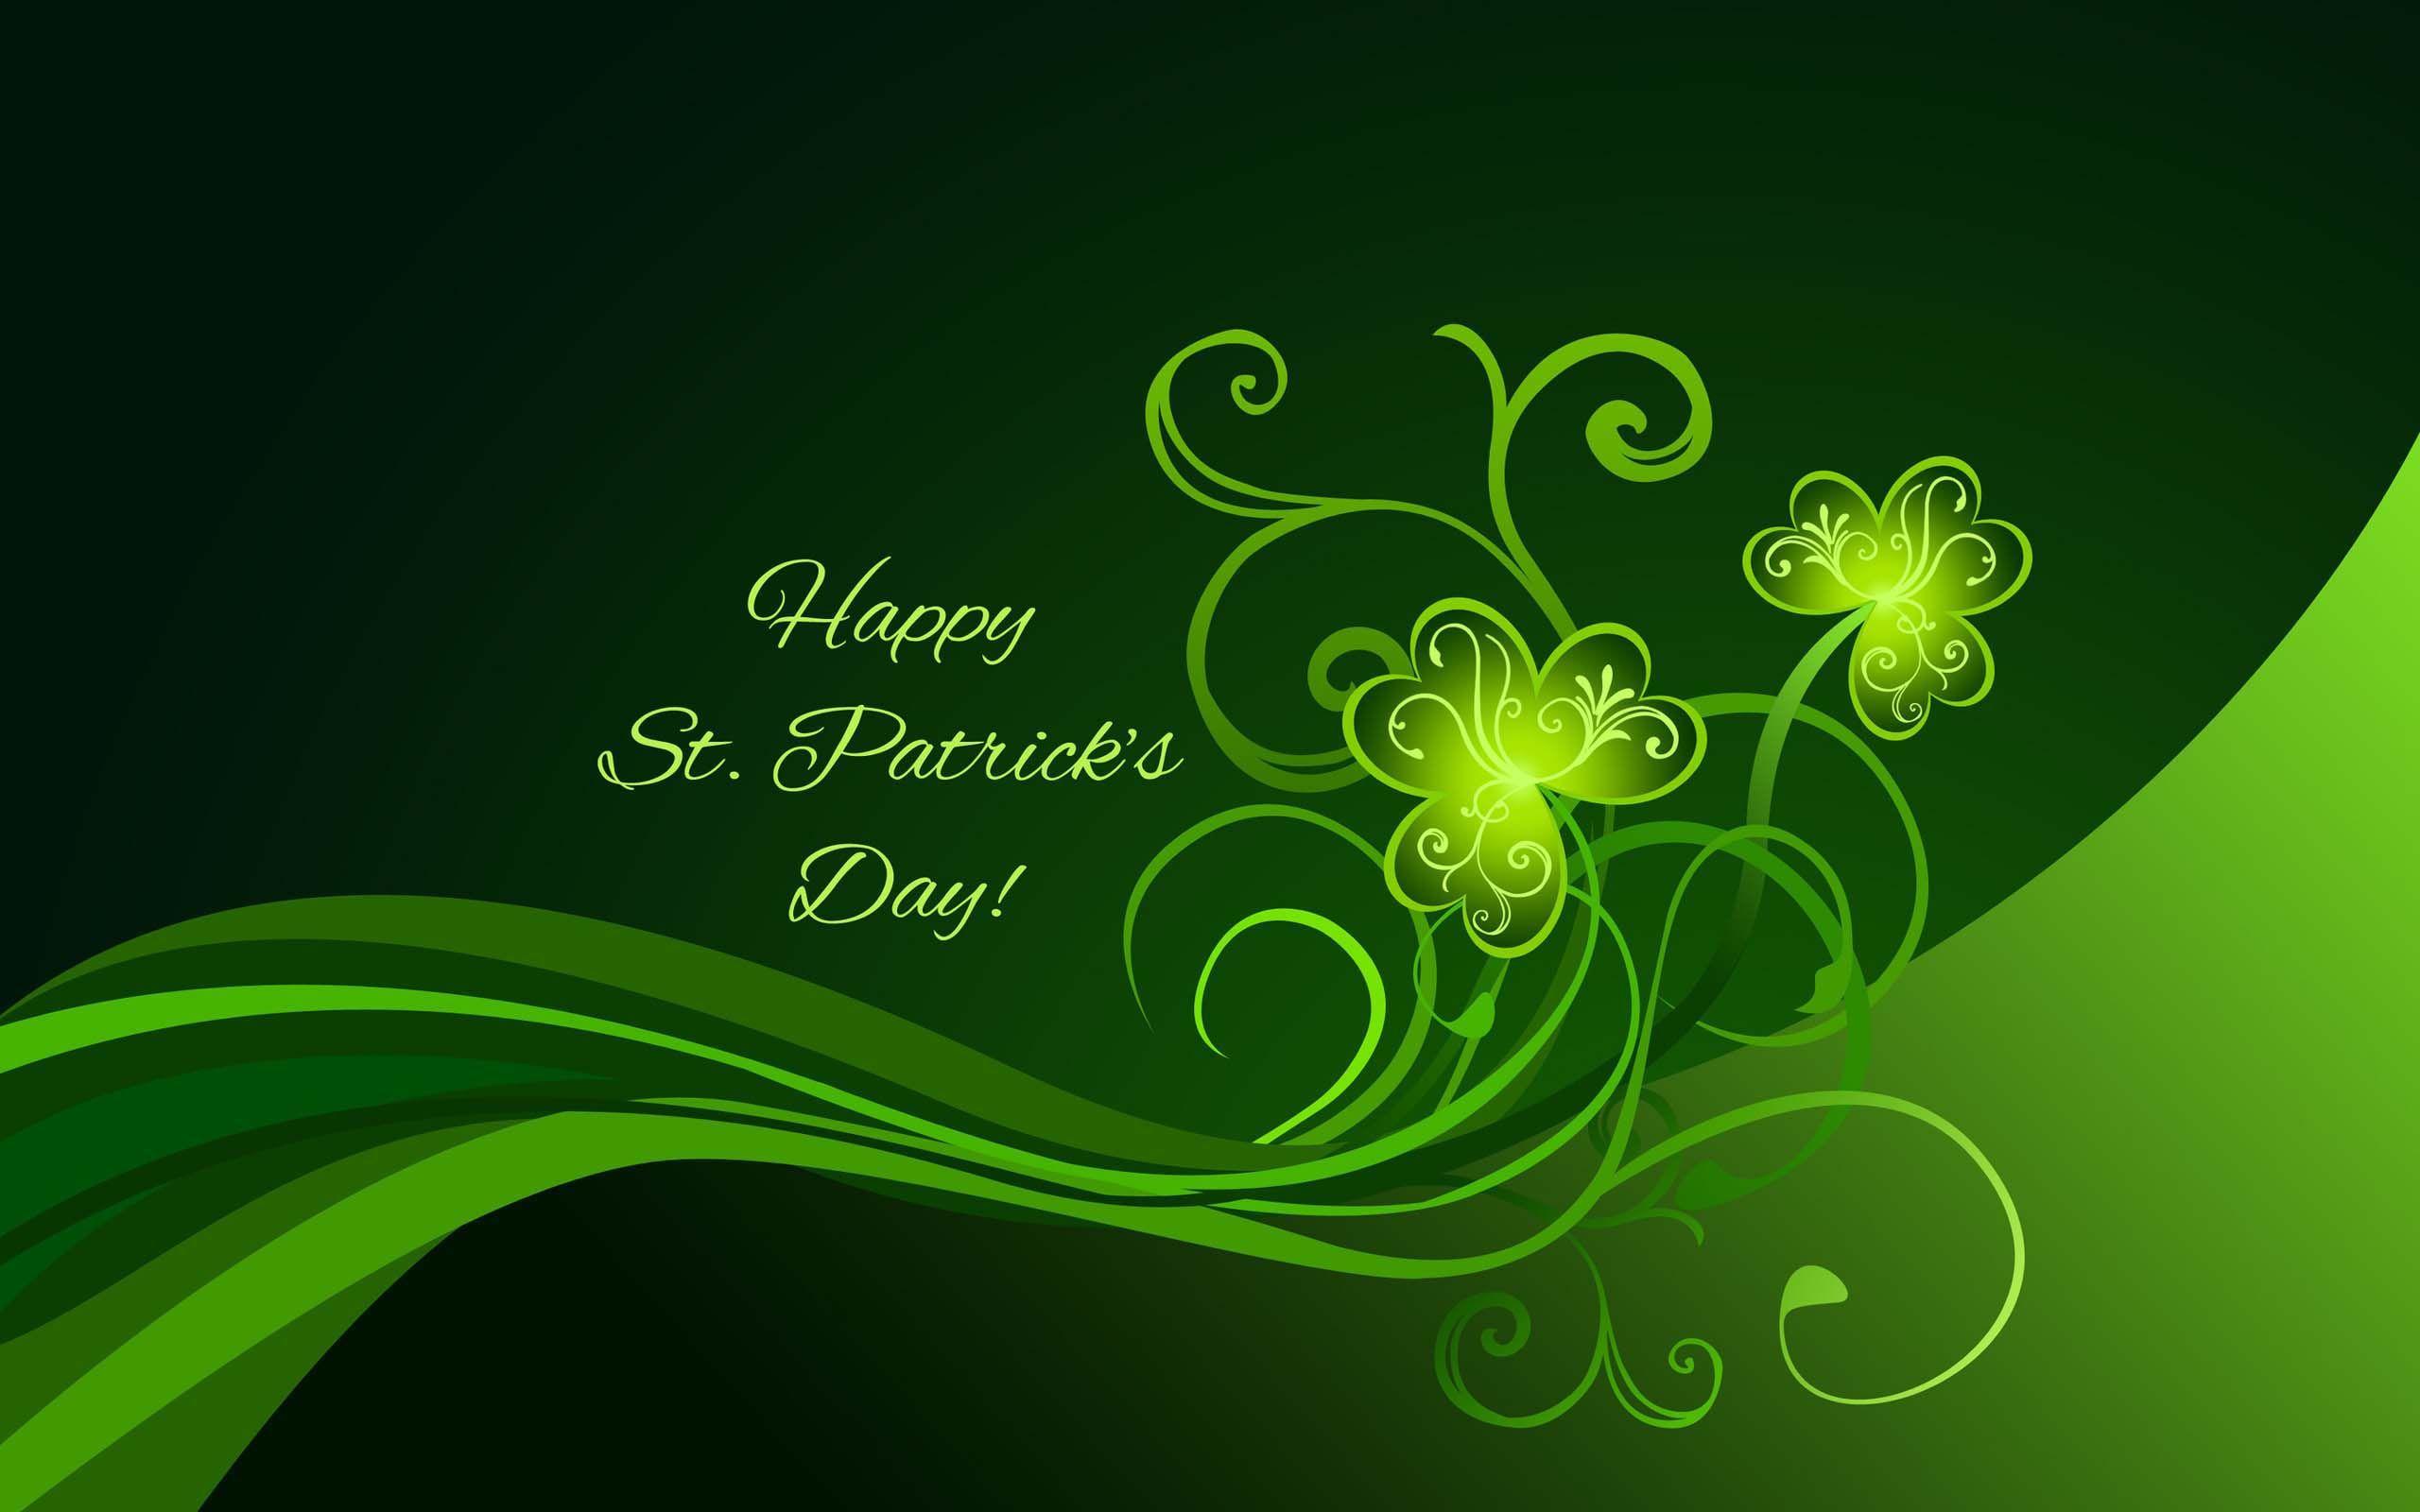 St Patricks Day Backgrounds Happy St Patricks Day PC 2560x1600